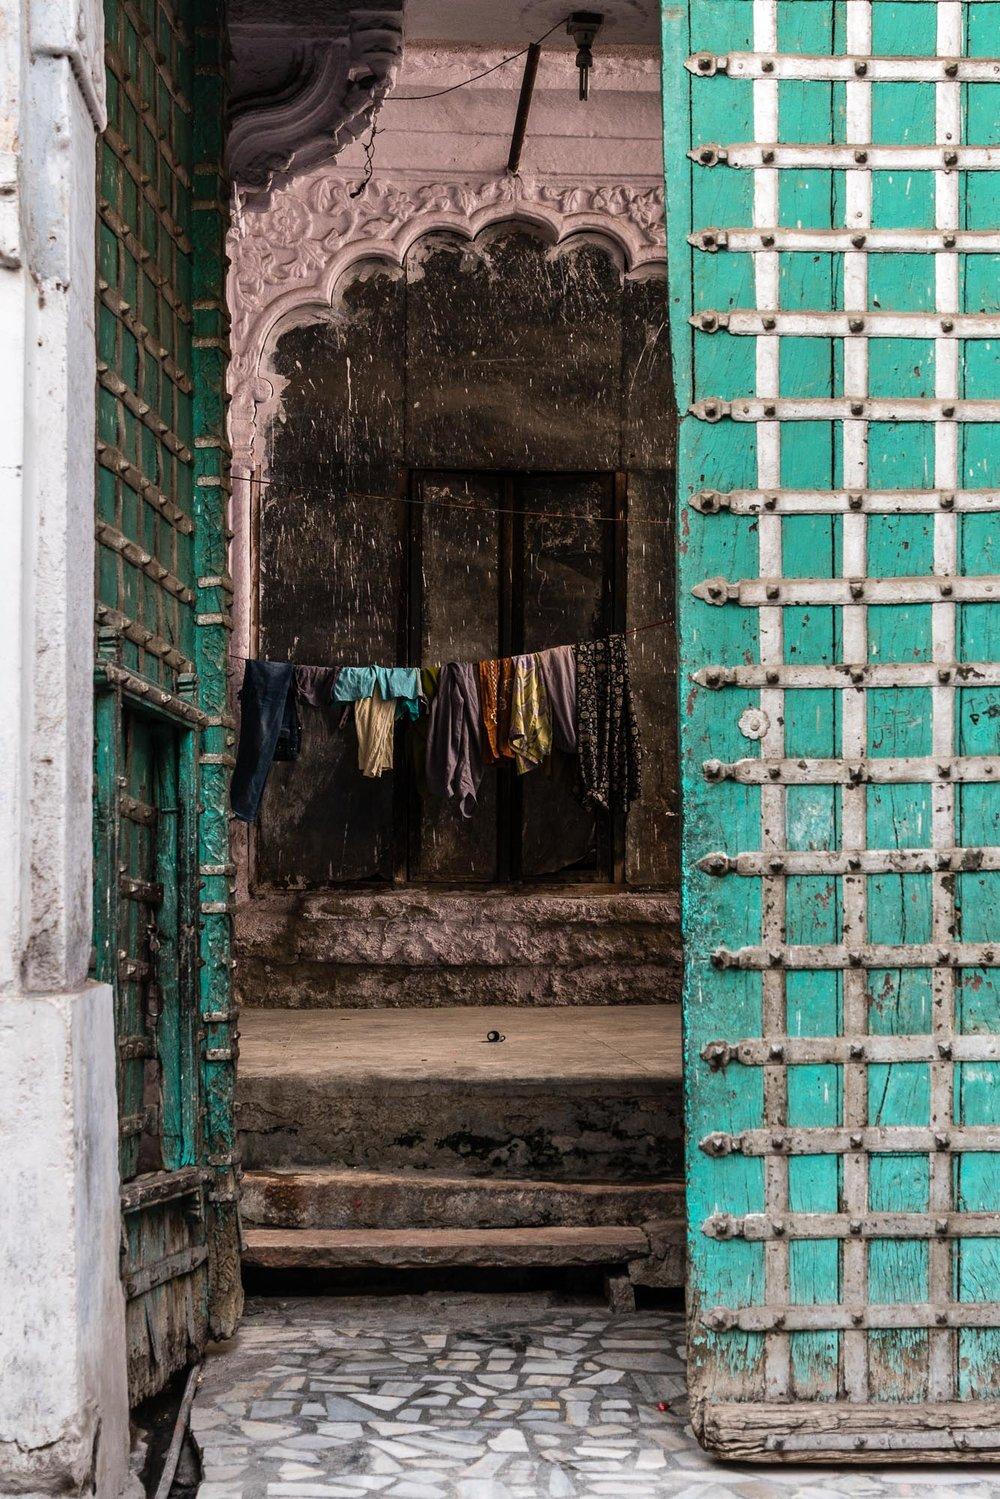 w_vazquez_india-01088.jpg